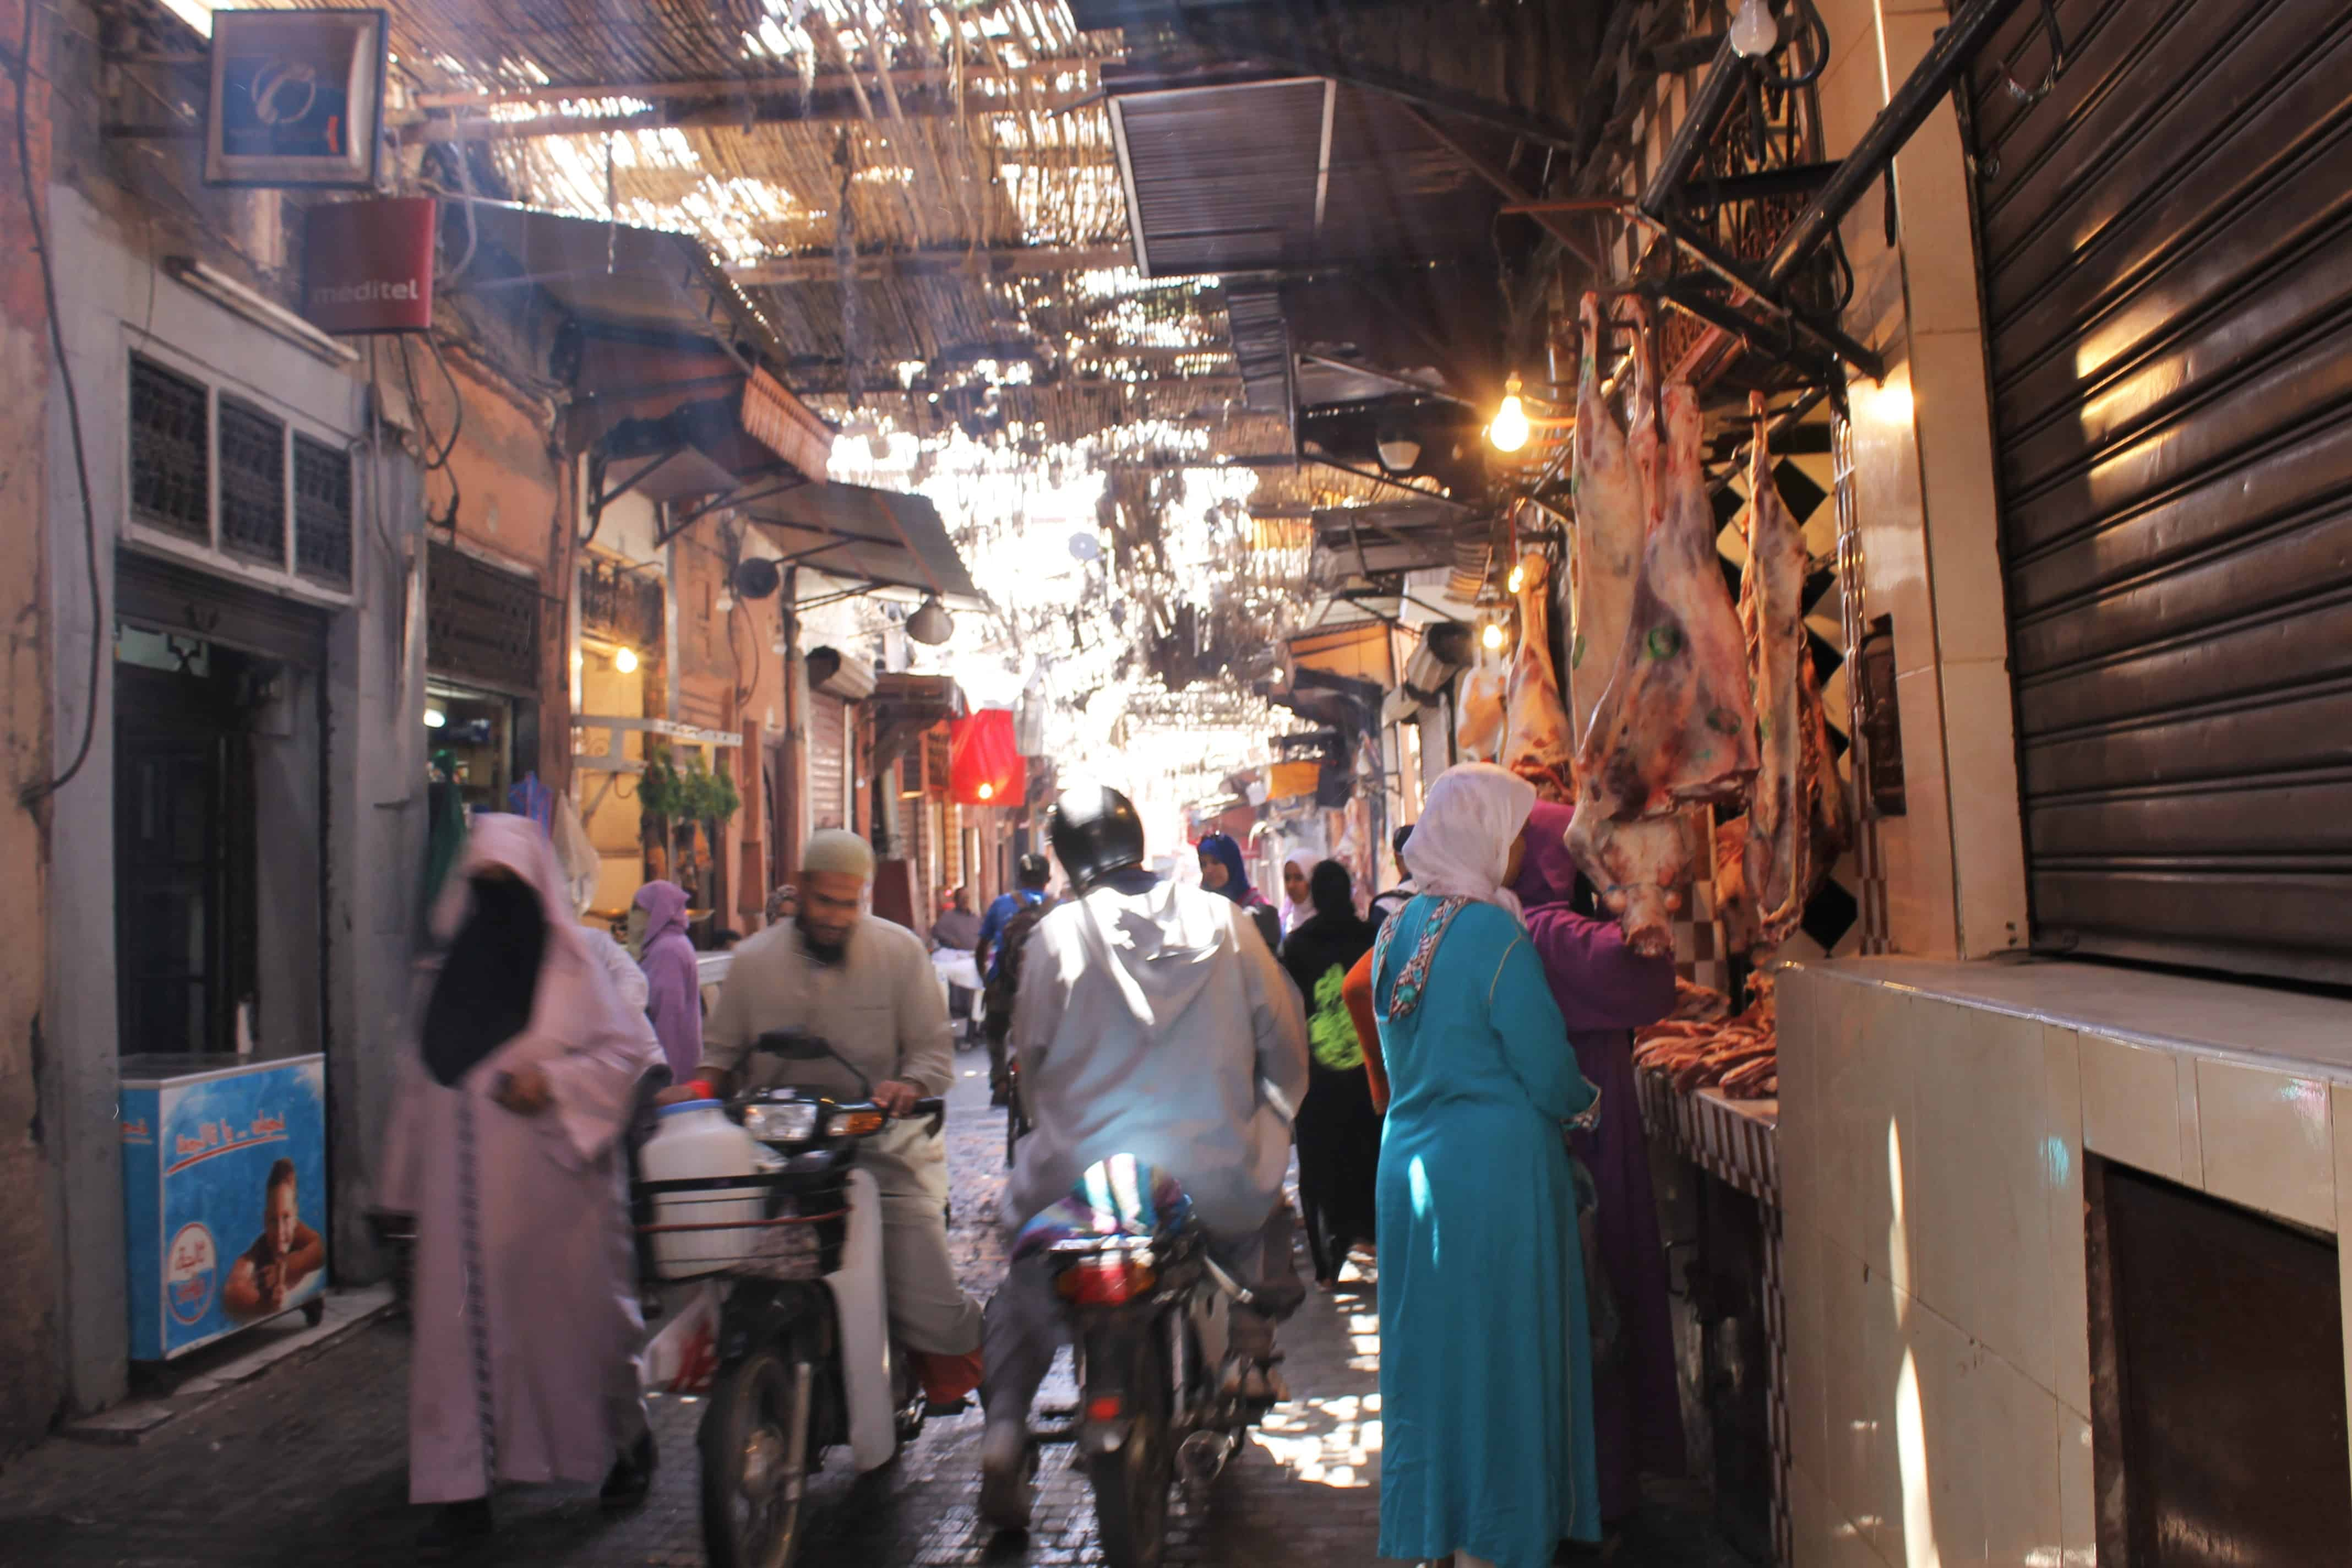 C'est un peu flou, mais on peut y voir une journée typique dans une rue de Marrakech